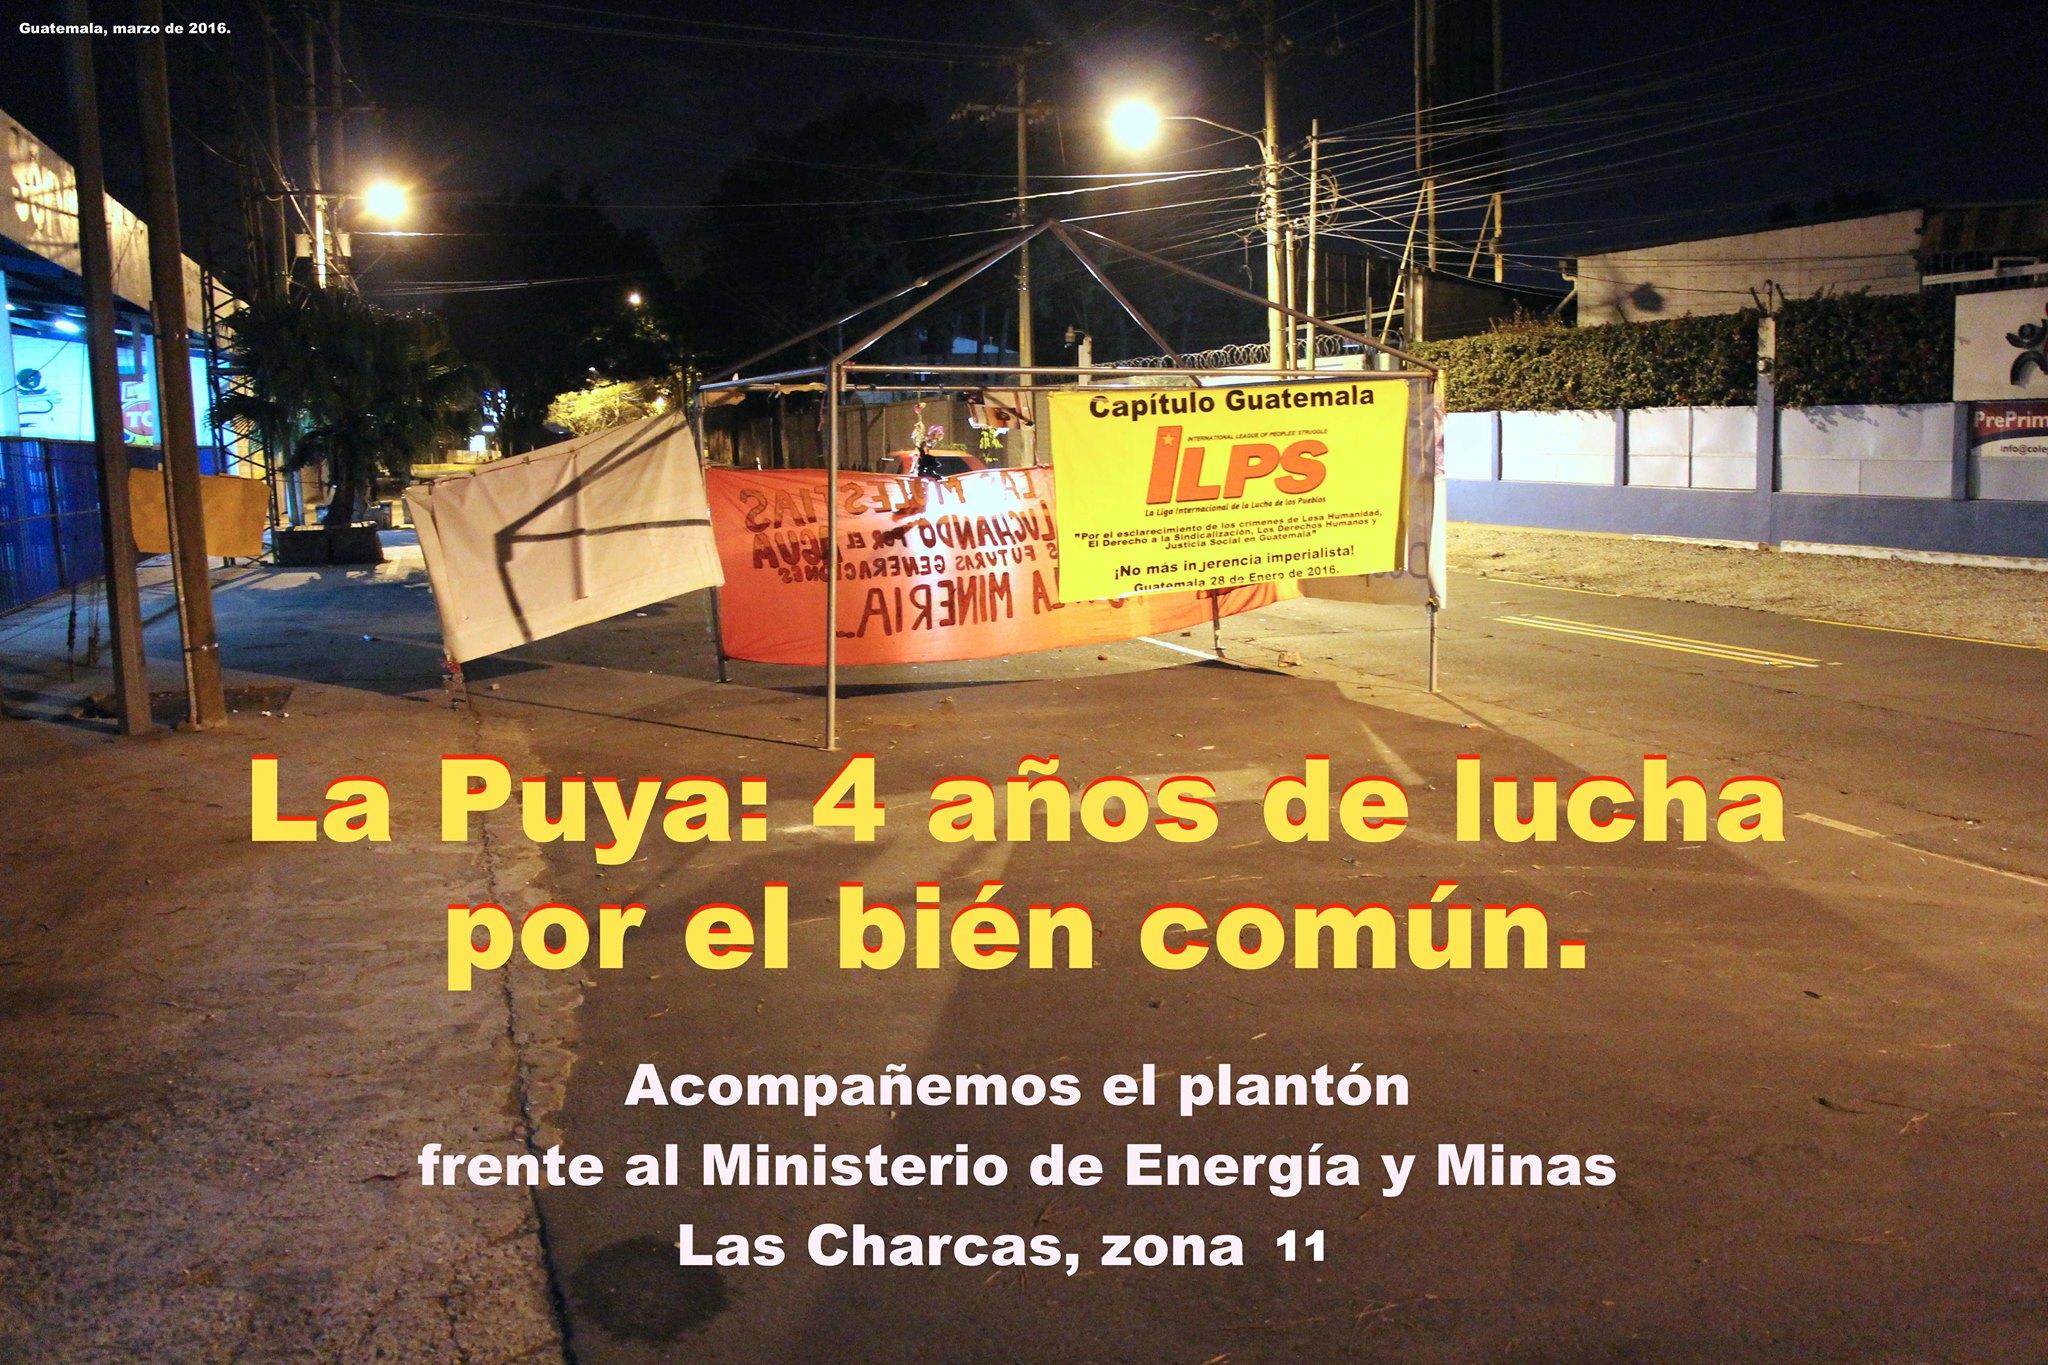 Foto tomada de las redes sociales de Resistecia pacìfica de La Puya